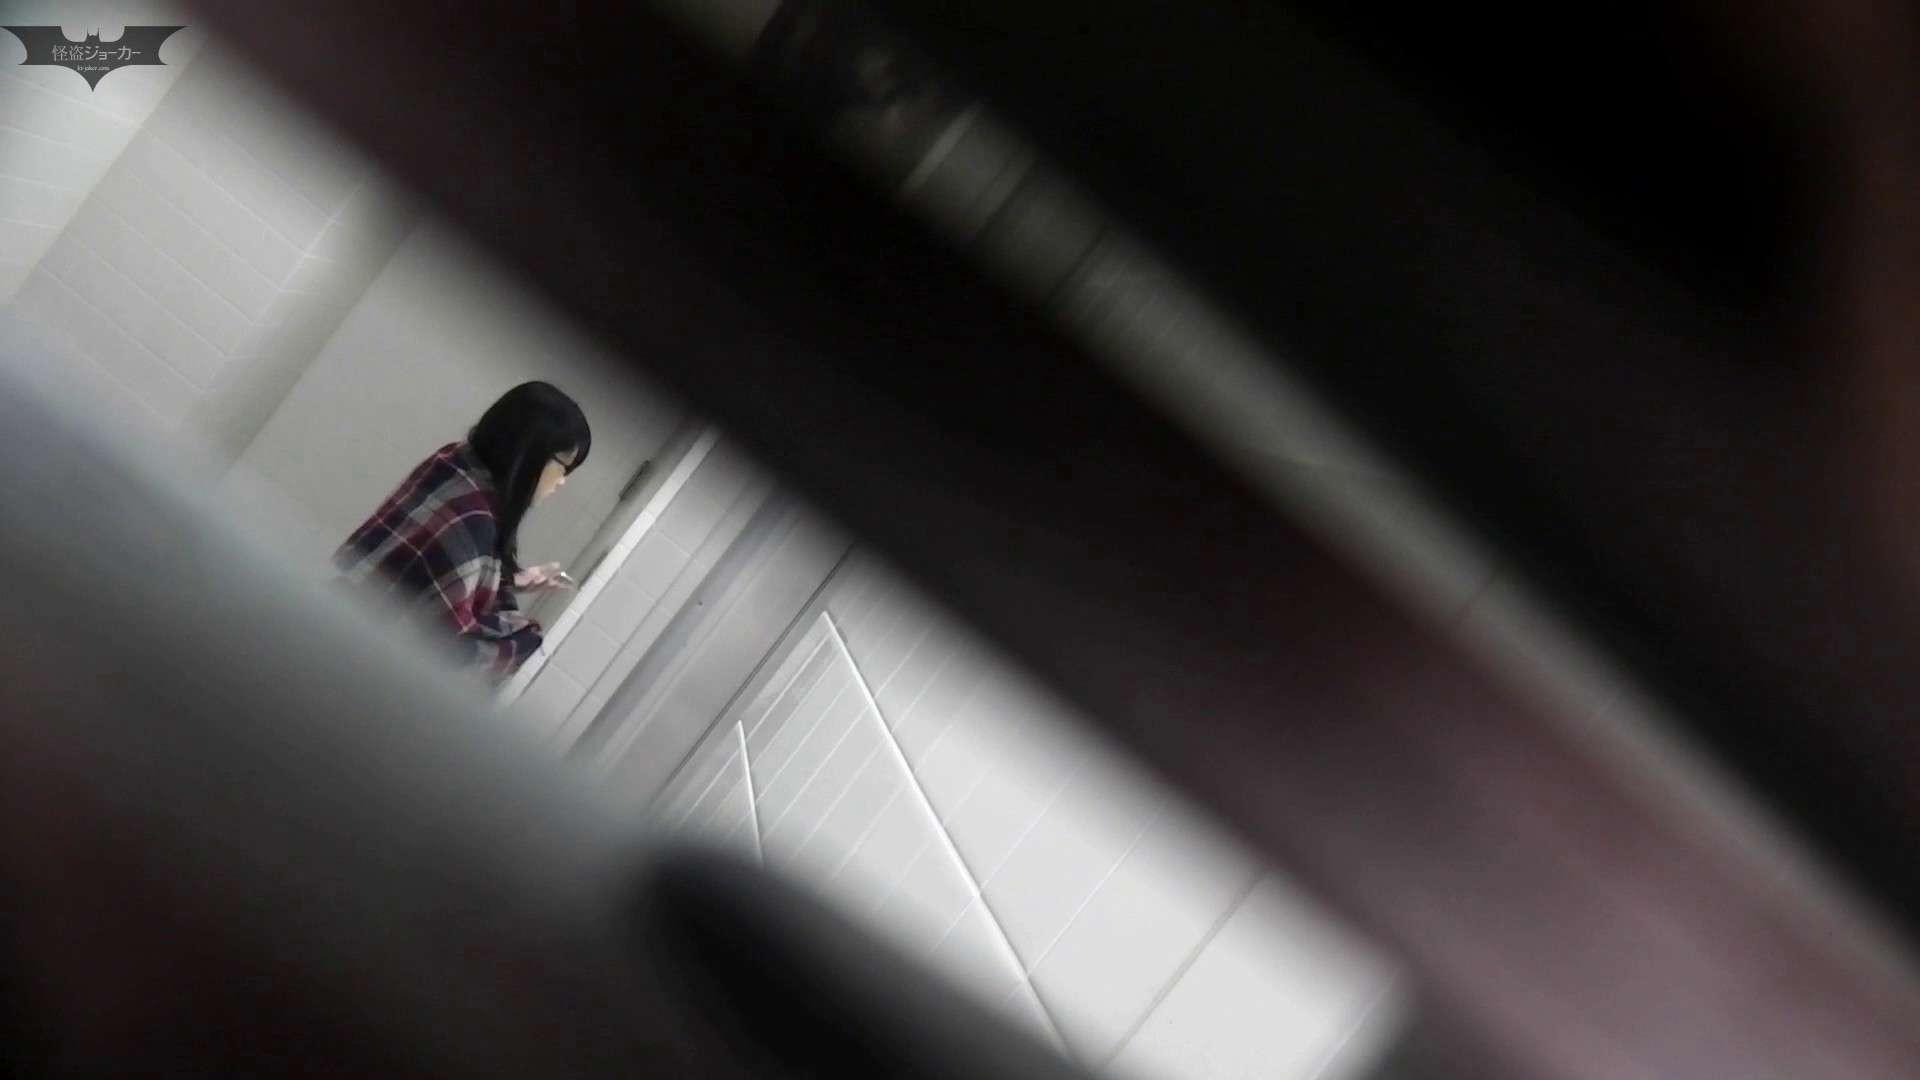 巨乳おまんこ:お銀さん vol.59 ピンチ!!「鏡の前で祈る女性」にばれる危機:怪盗ジョーカー